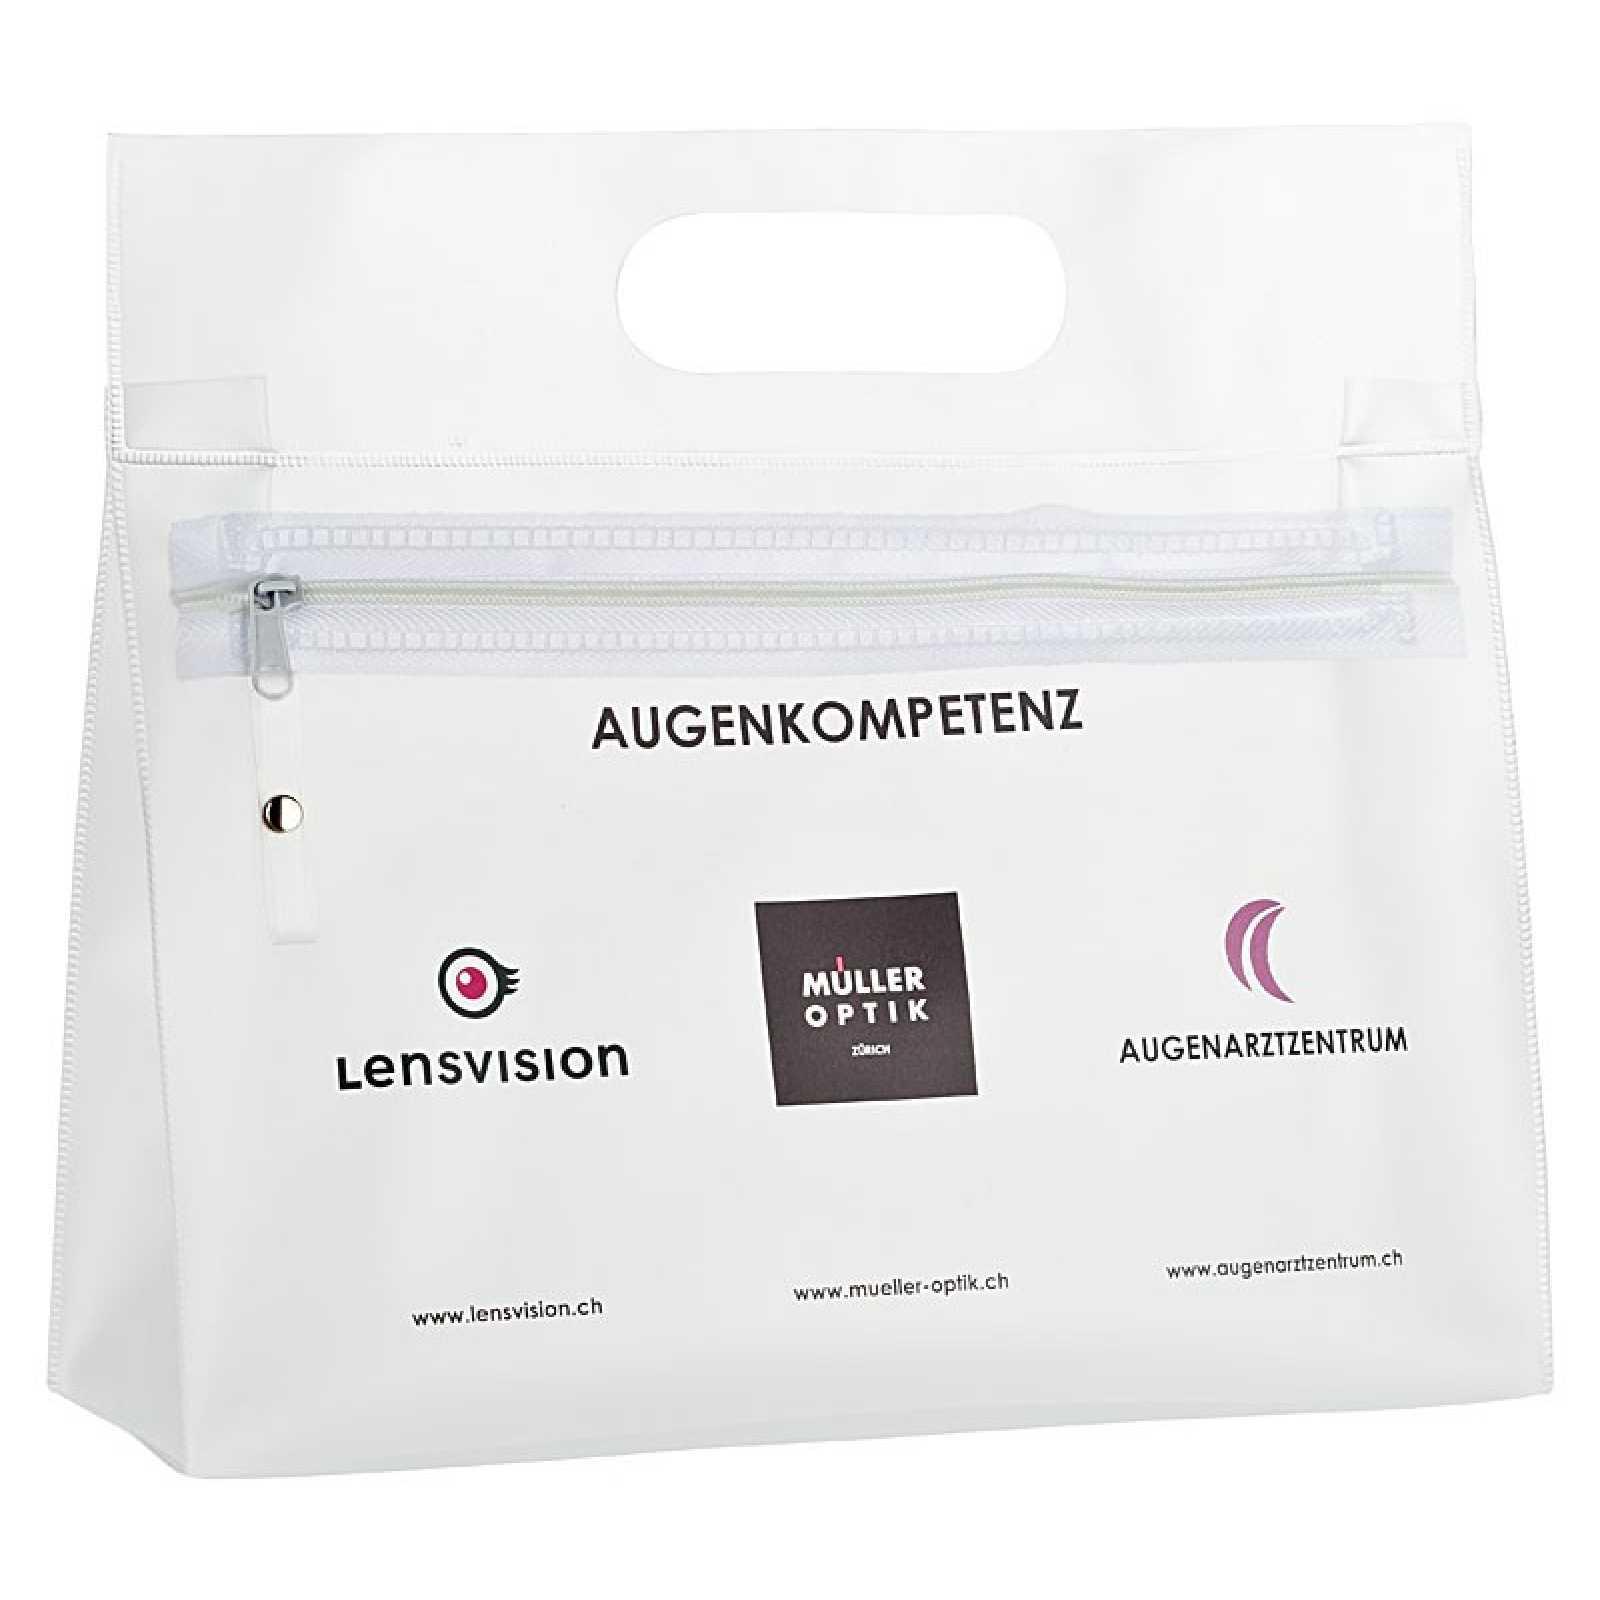 transparente taschen g nstig bedrucken mit logo als werbegeschenk ab 1 00 chf wipex werbemittel ag. Black Bedroom Furniture Sets. Home Design Ideas